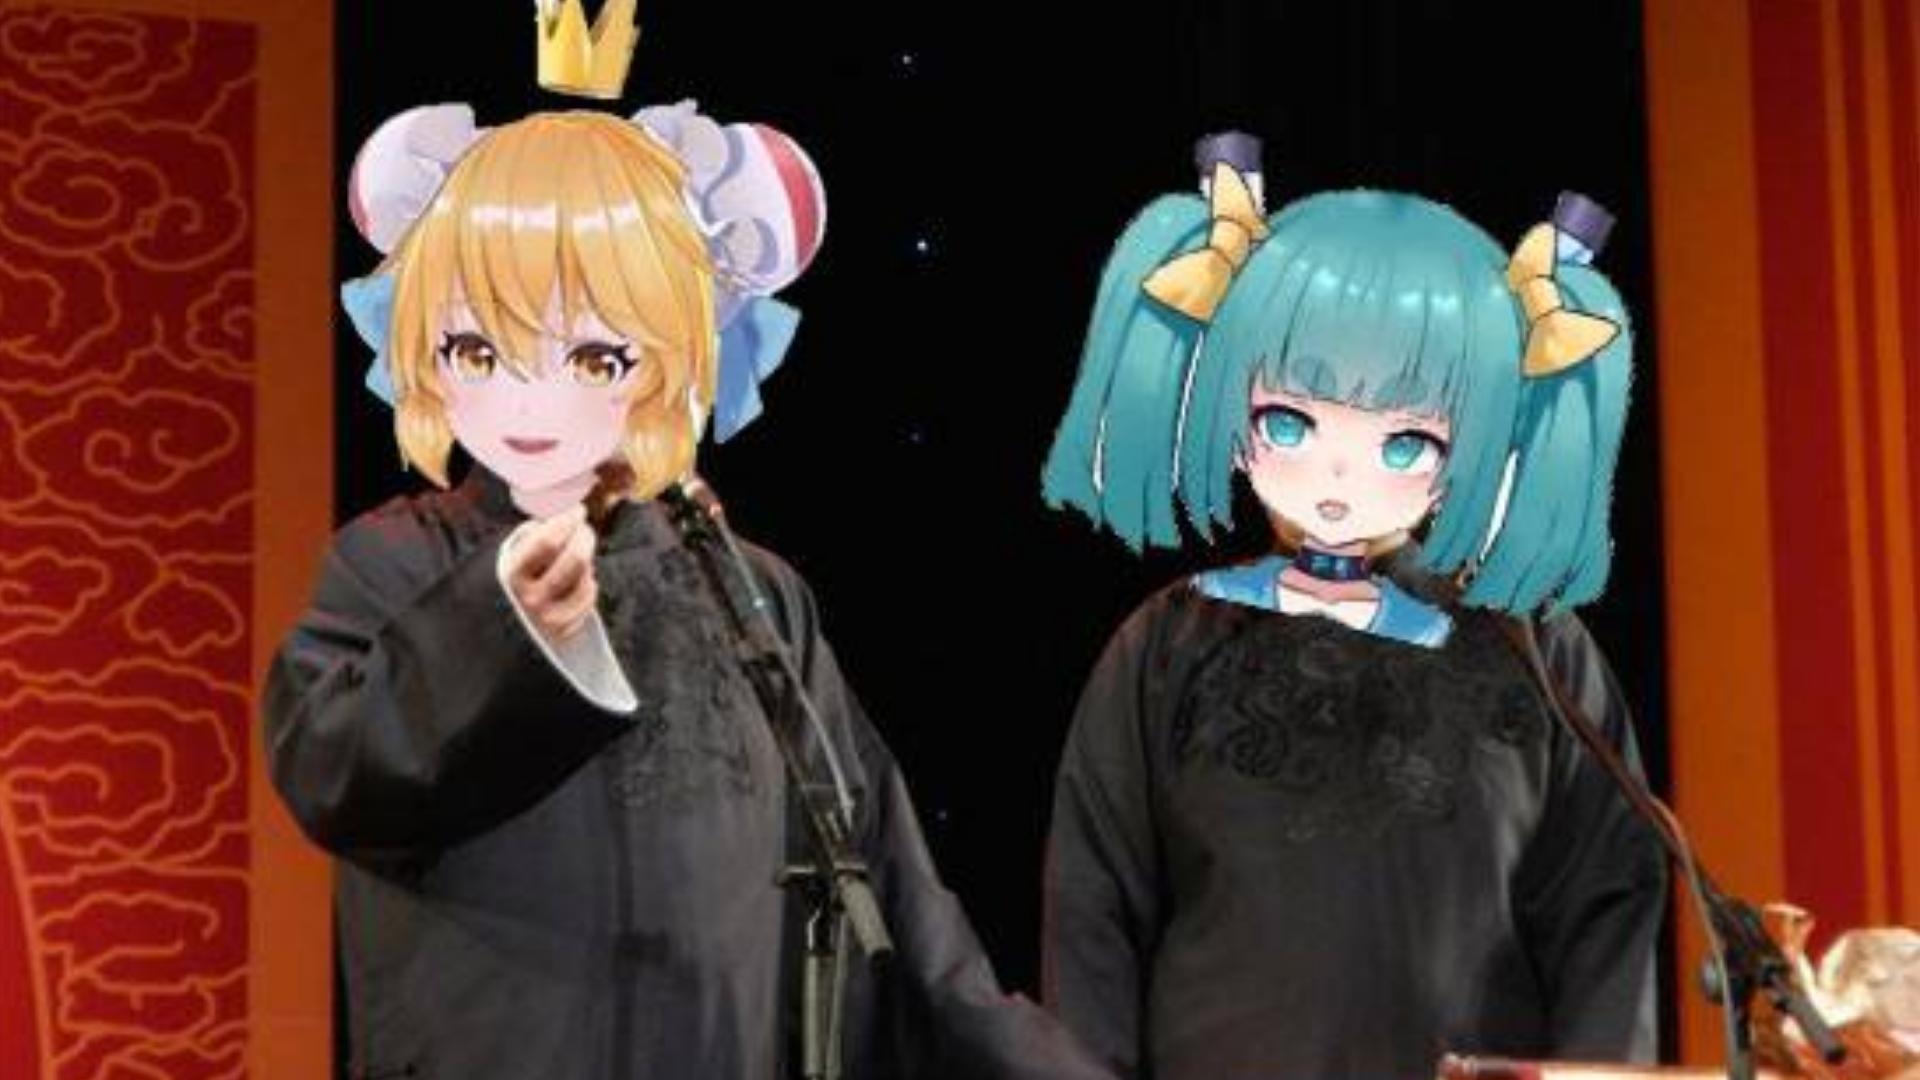 【AC娘x芦苇娘】演 双 簧